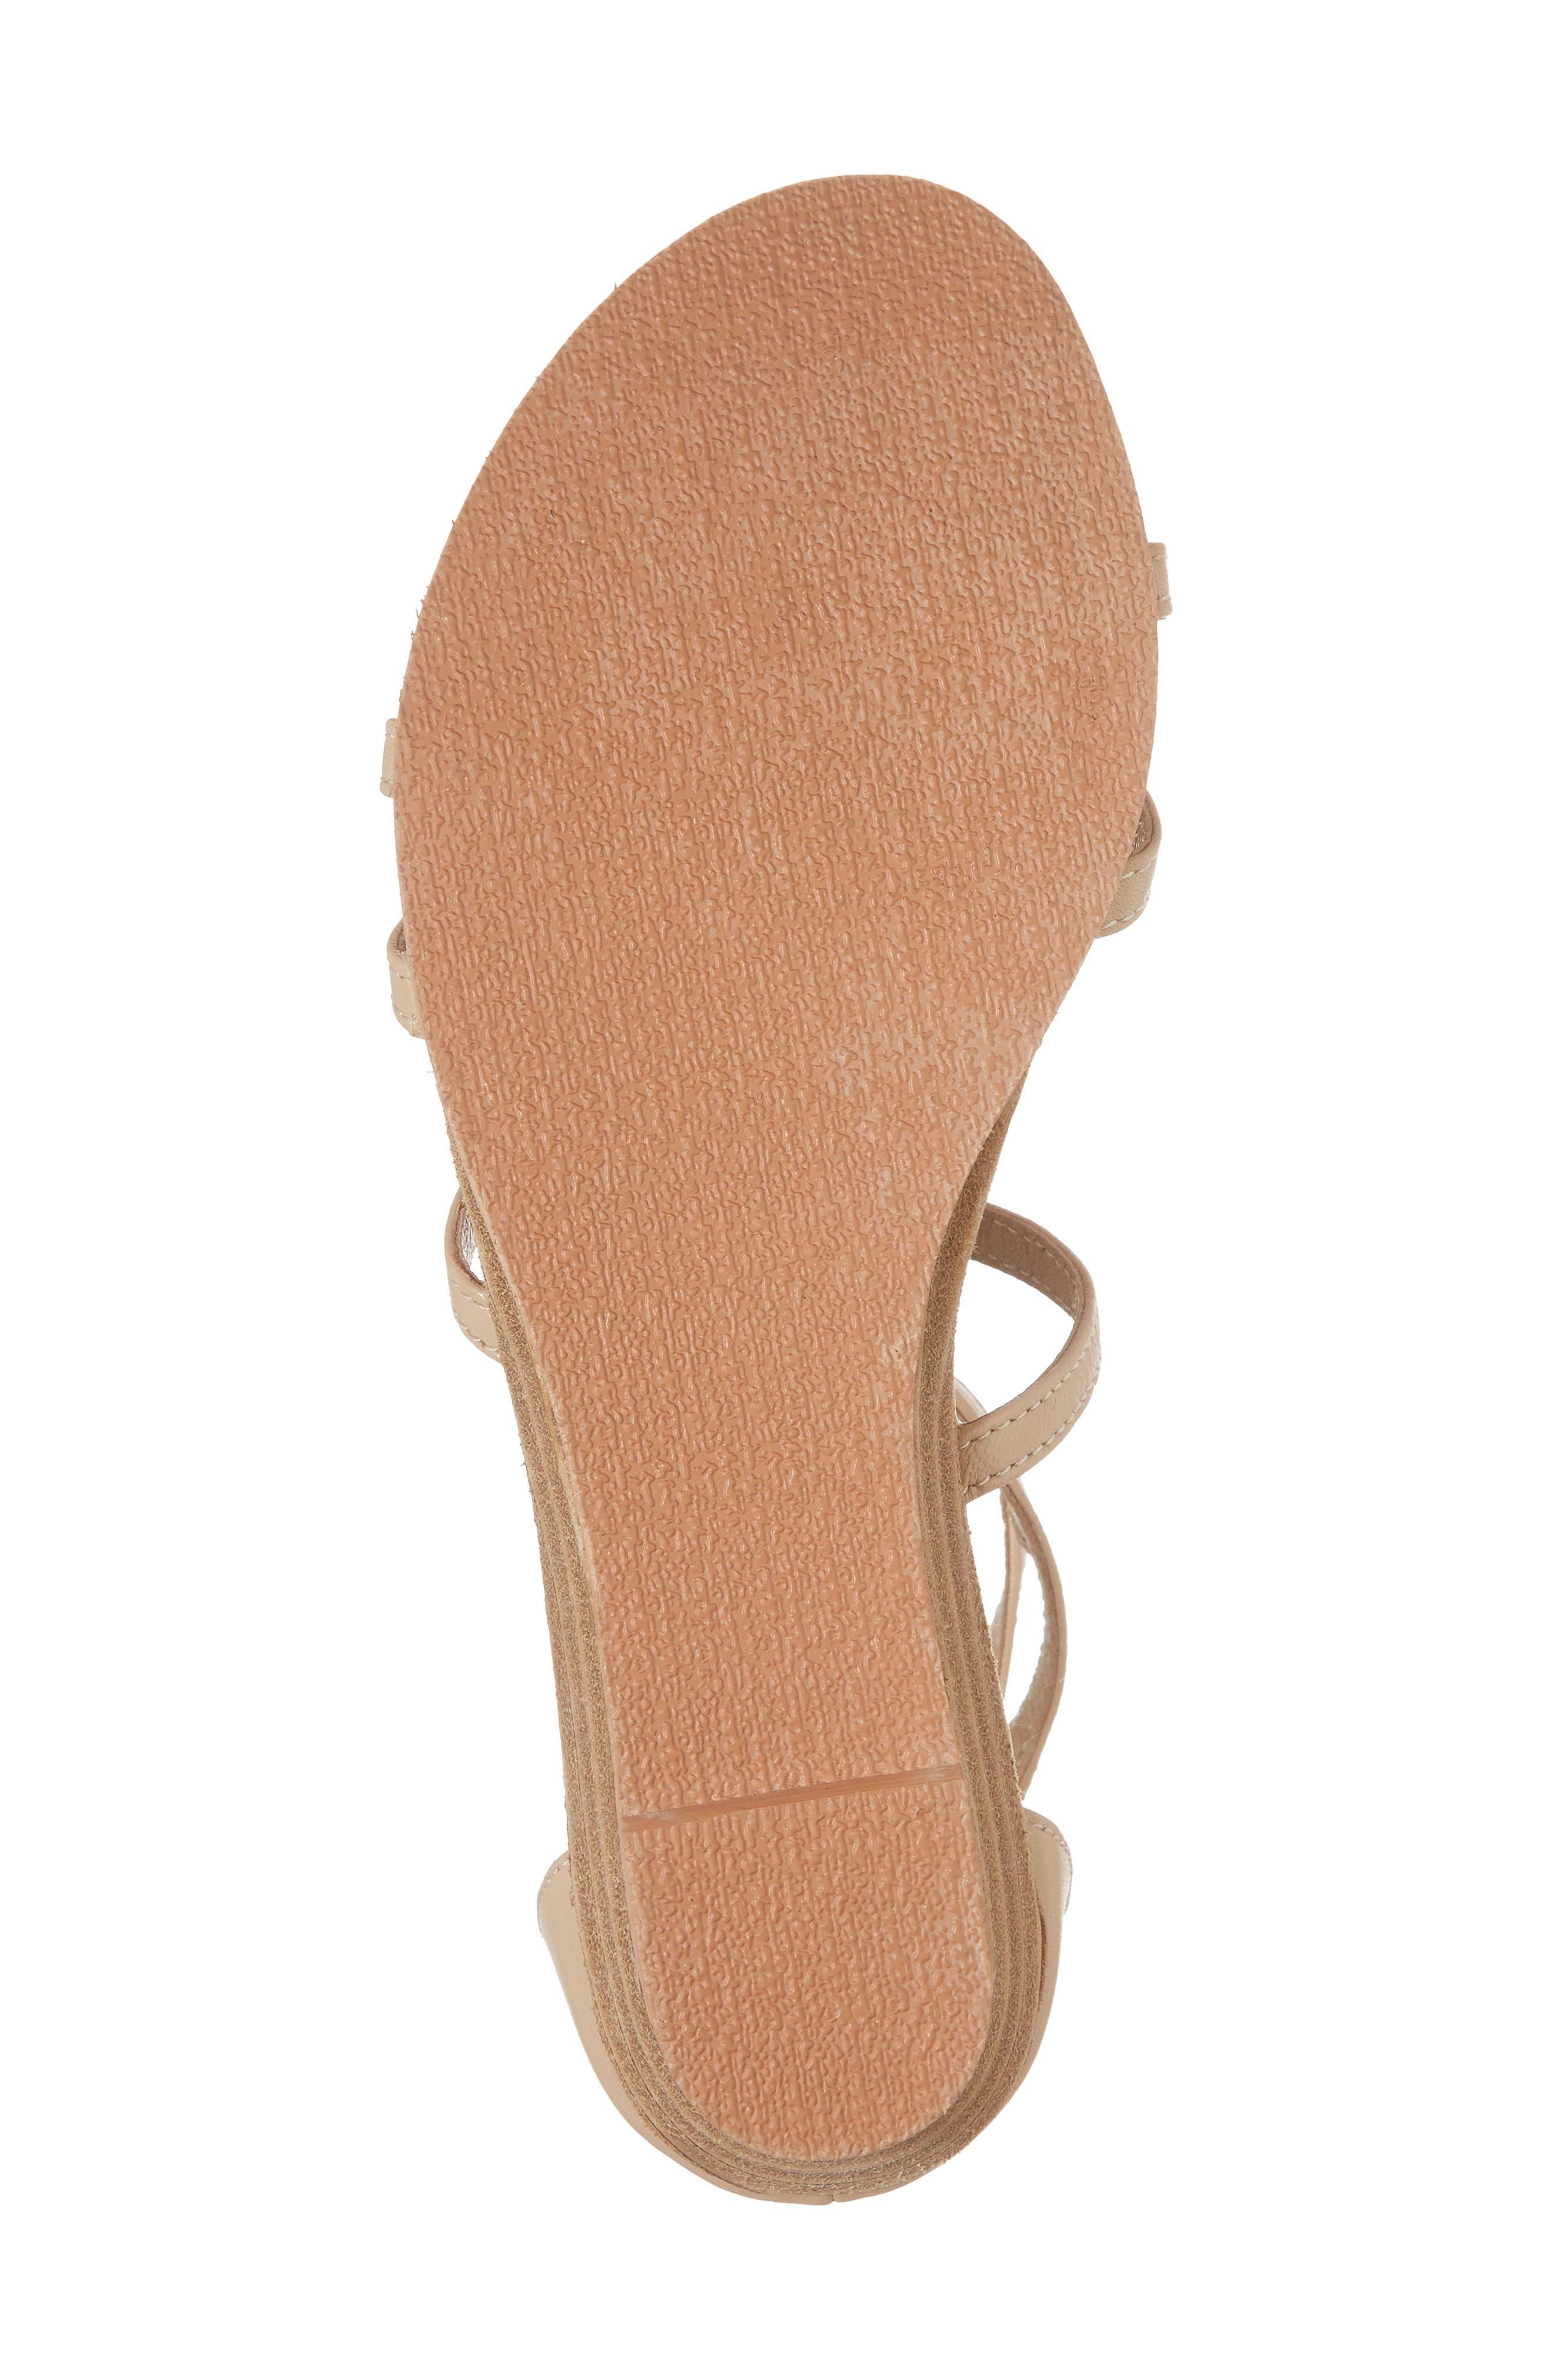 Didi Crystal Embellished Sandal,                             Alternate thumbnail 6, color,                             NATURAL LEATHER